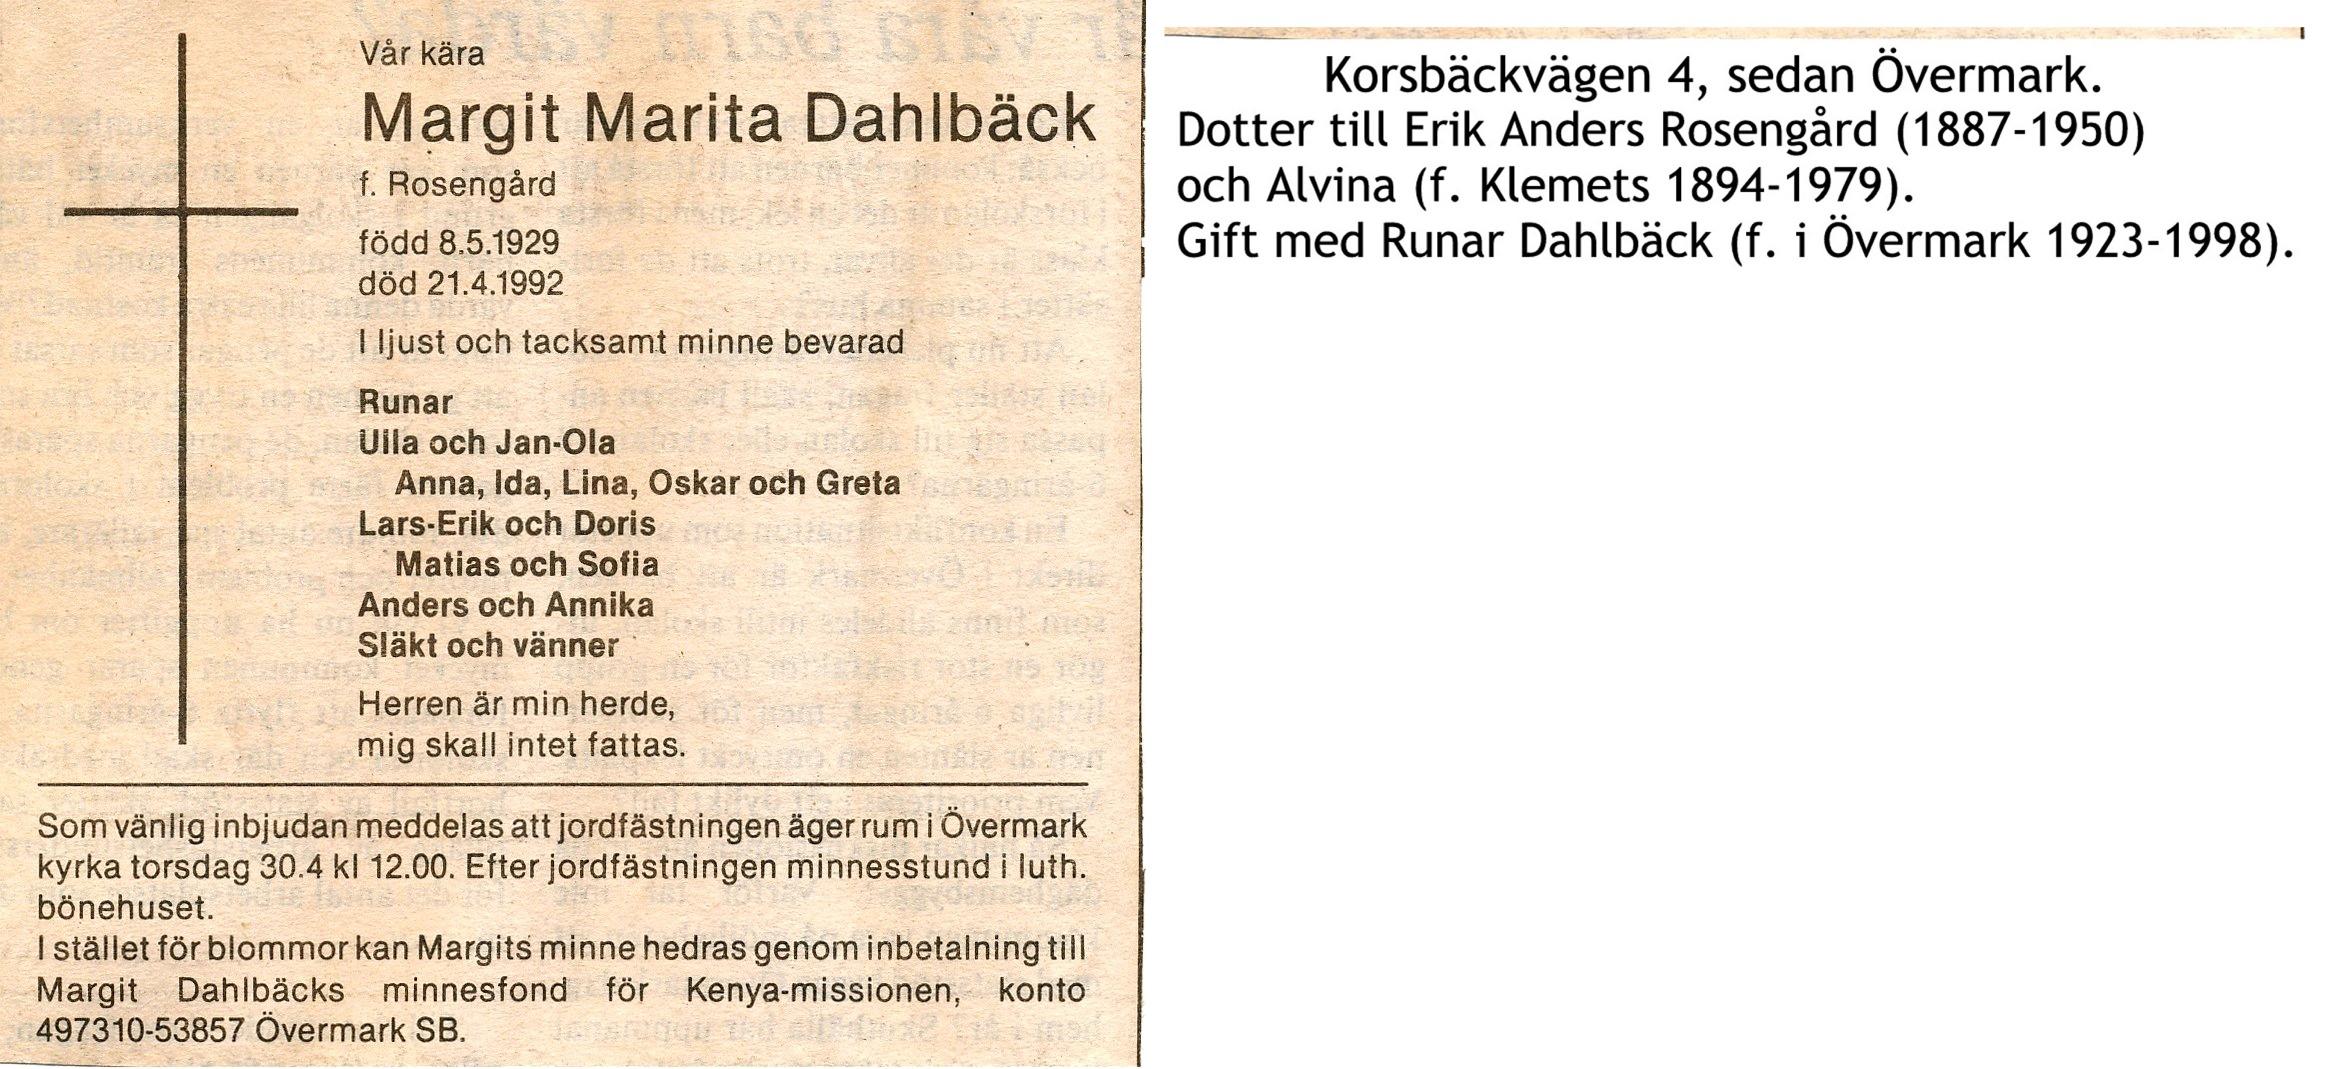 Dahlbäck Margit